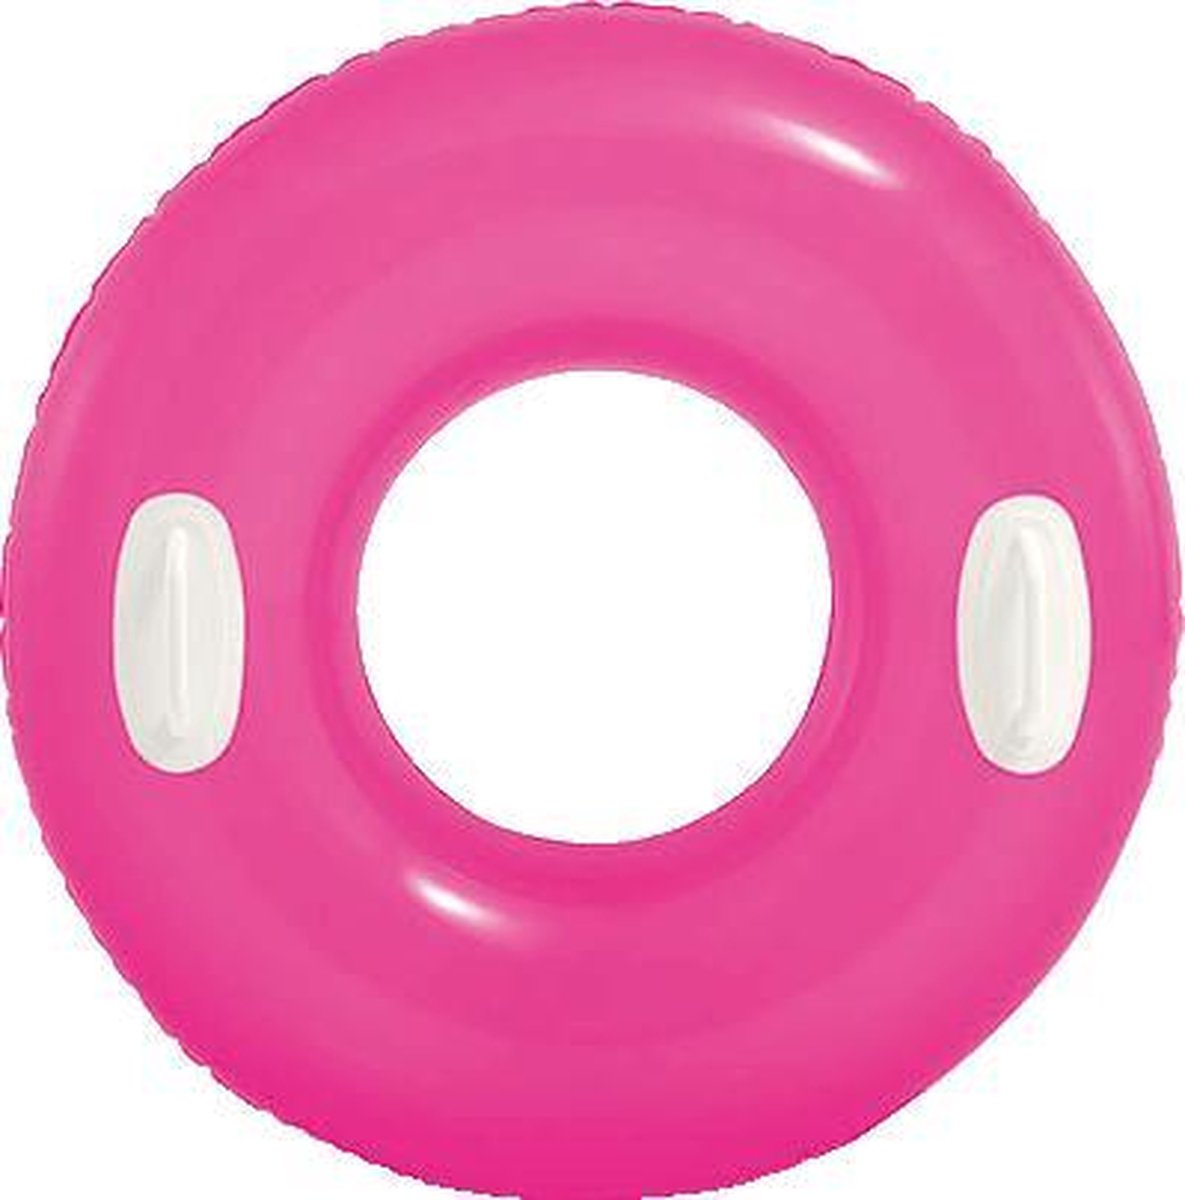 Opblaas zwemband Basic 76 cm - roze